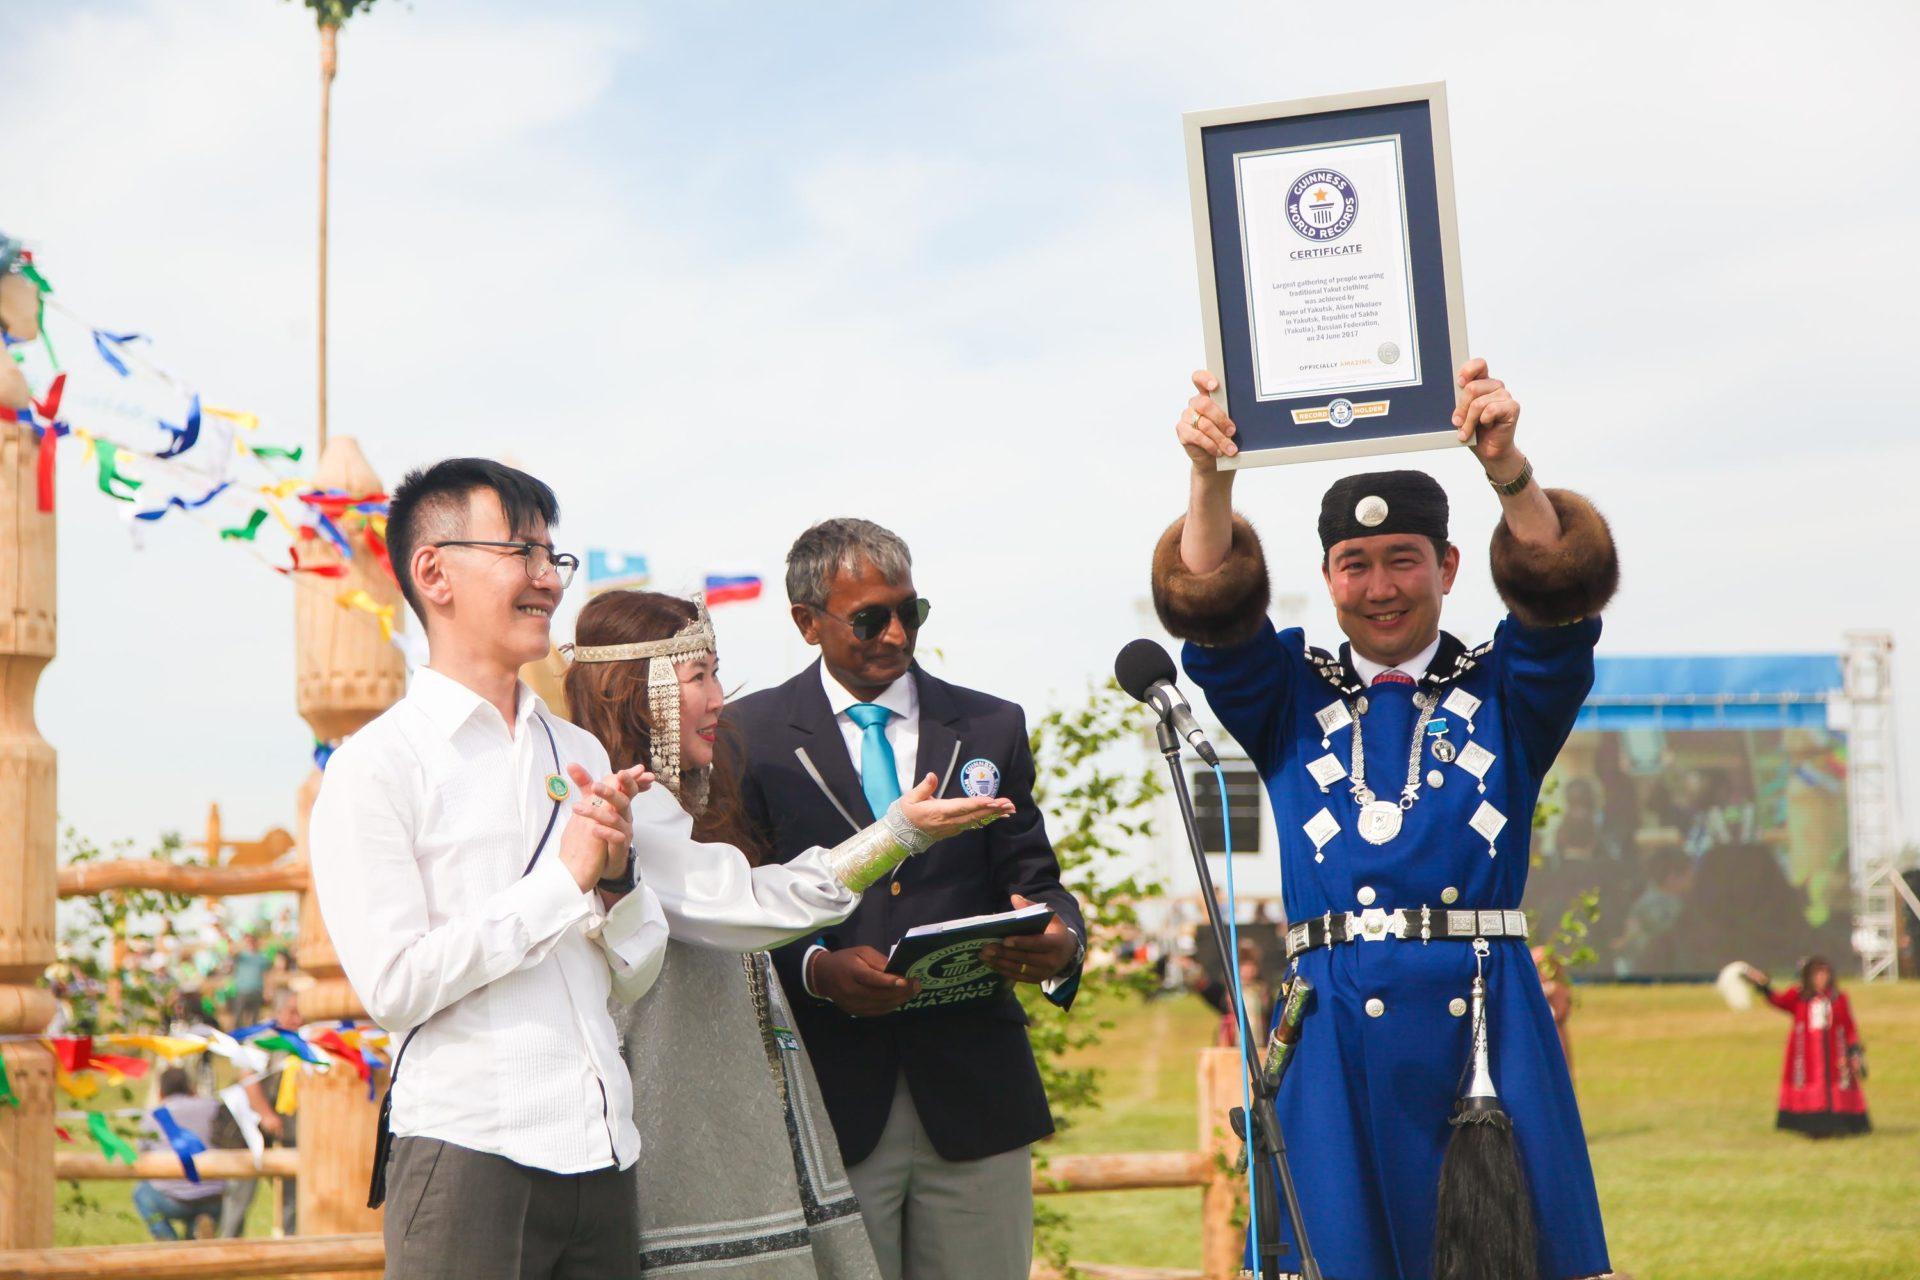 На официальном сайте Книги рекордов Гиннесса вышла статья о якутском рекорде